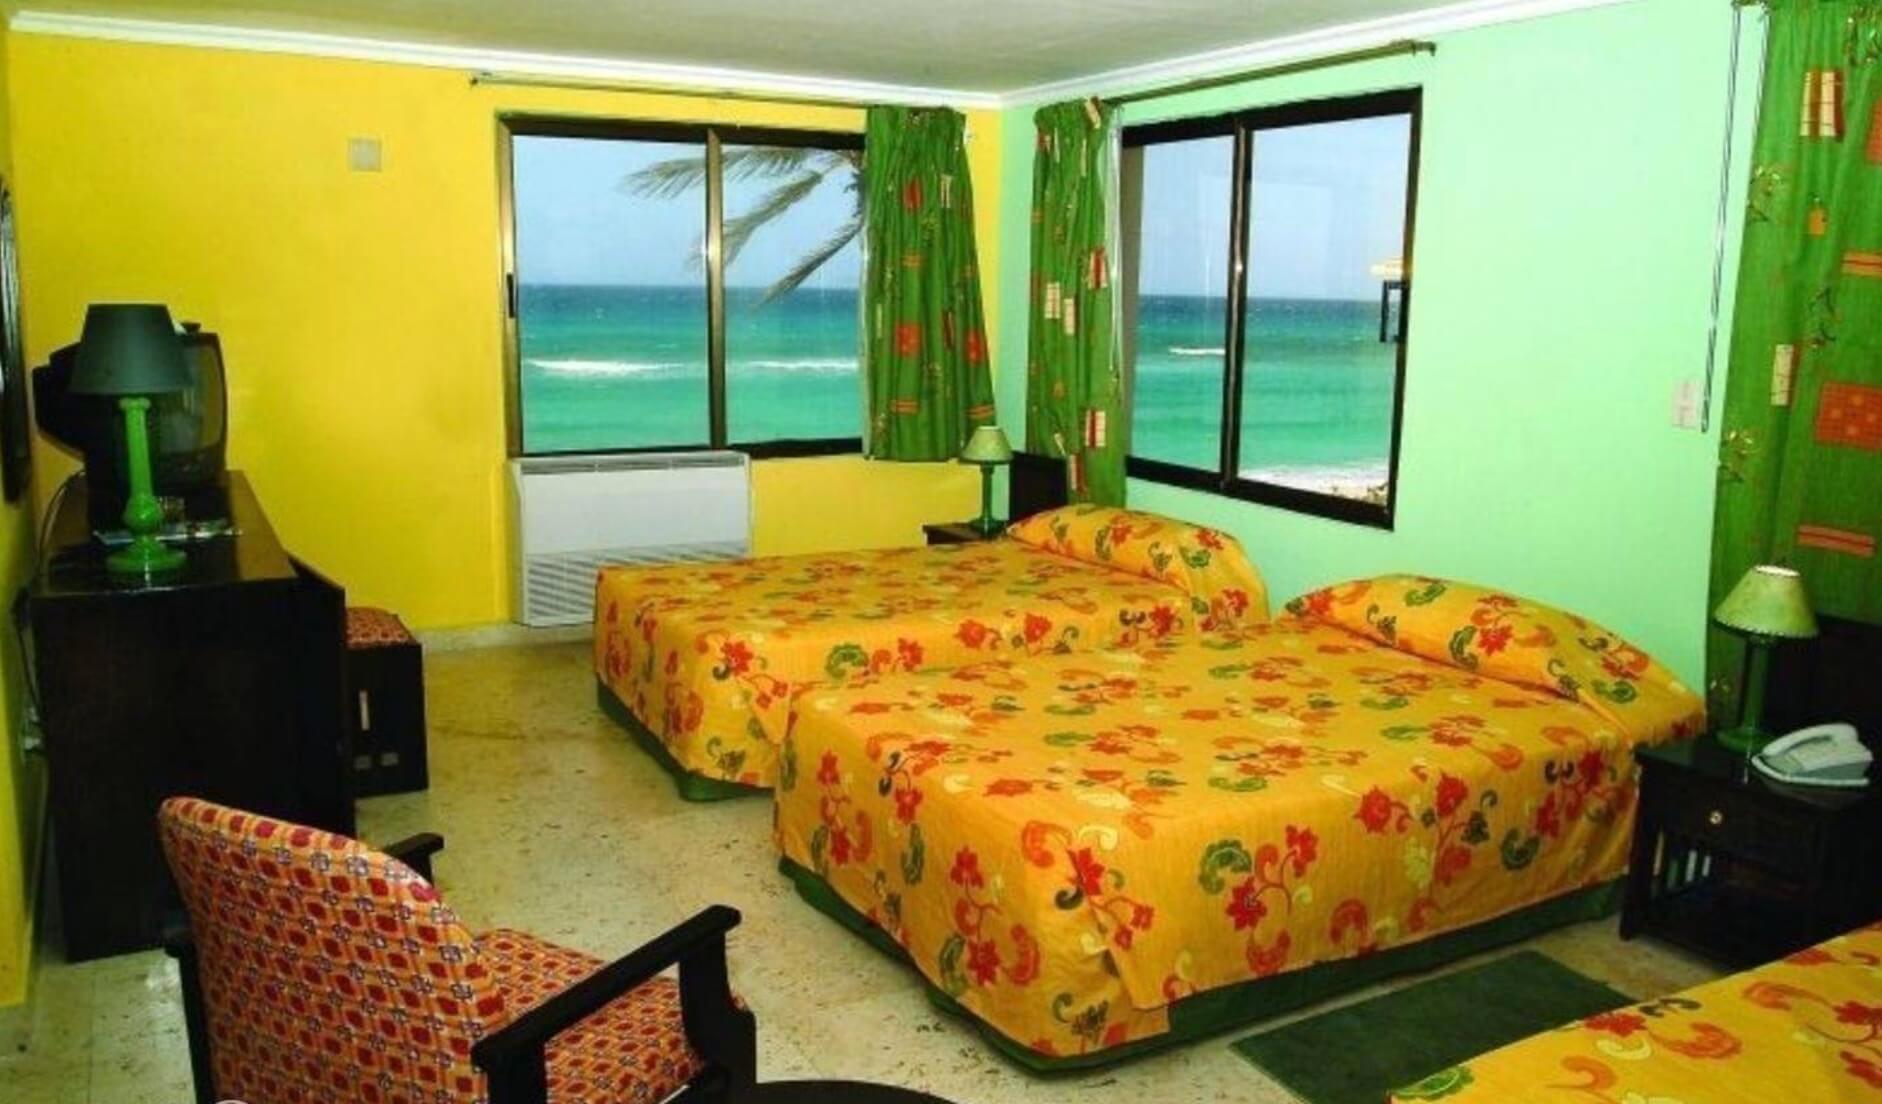 Тур в Варадеро в отель Islazul Club Karey 3* (Куба) на 11 ночей с 28.01.19 от 127 877 рублей (AL) на двоих